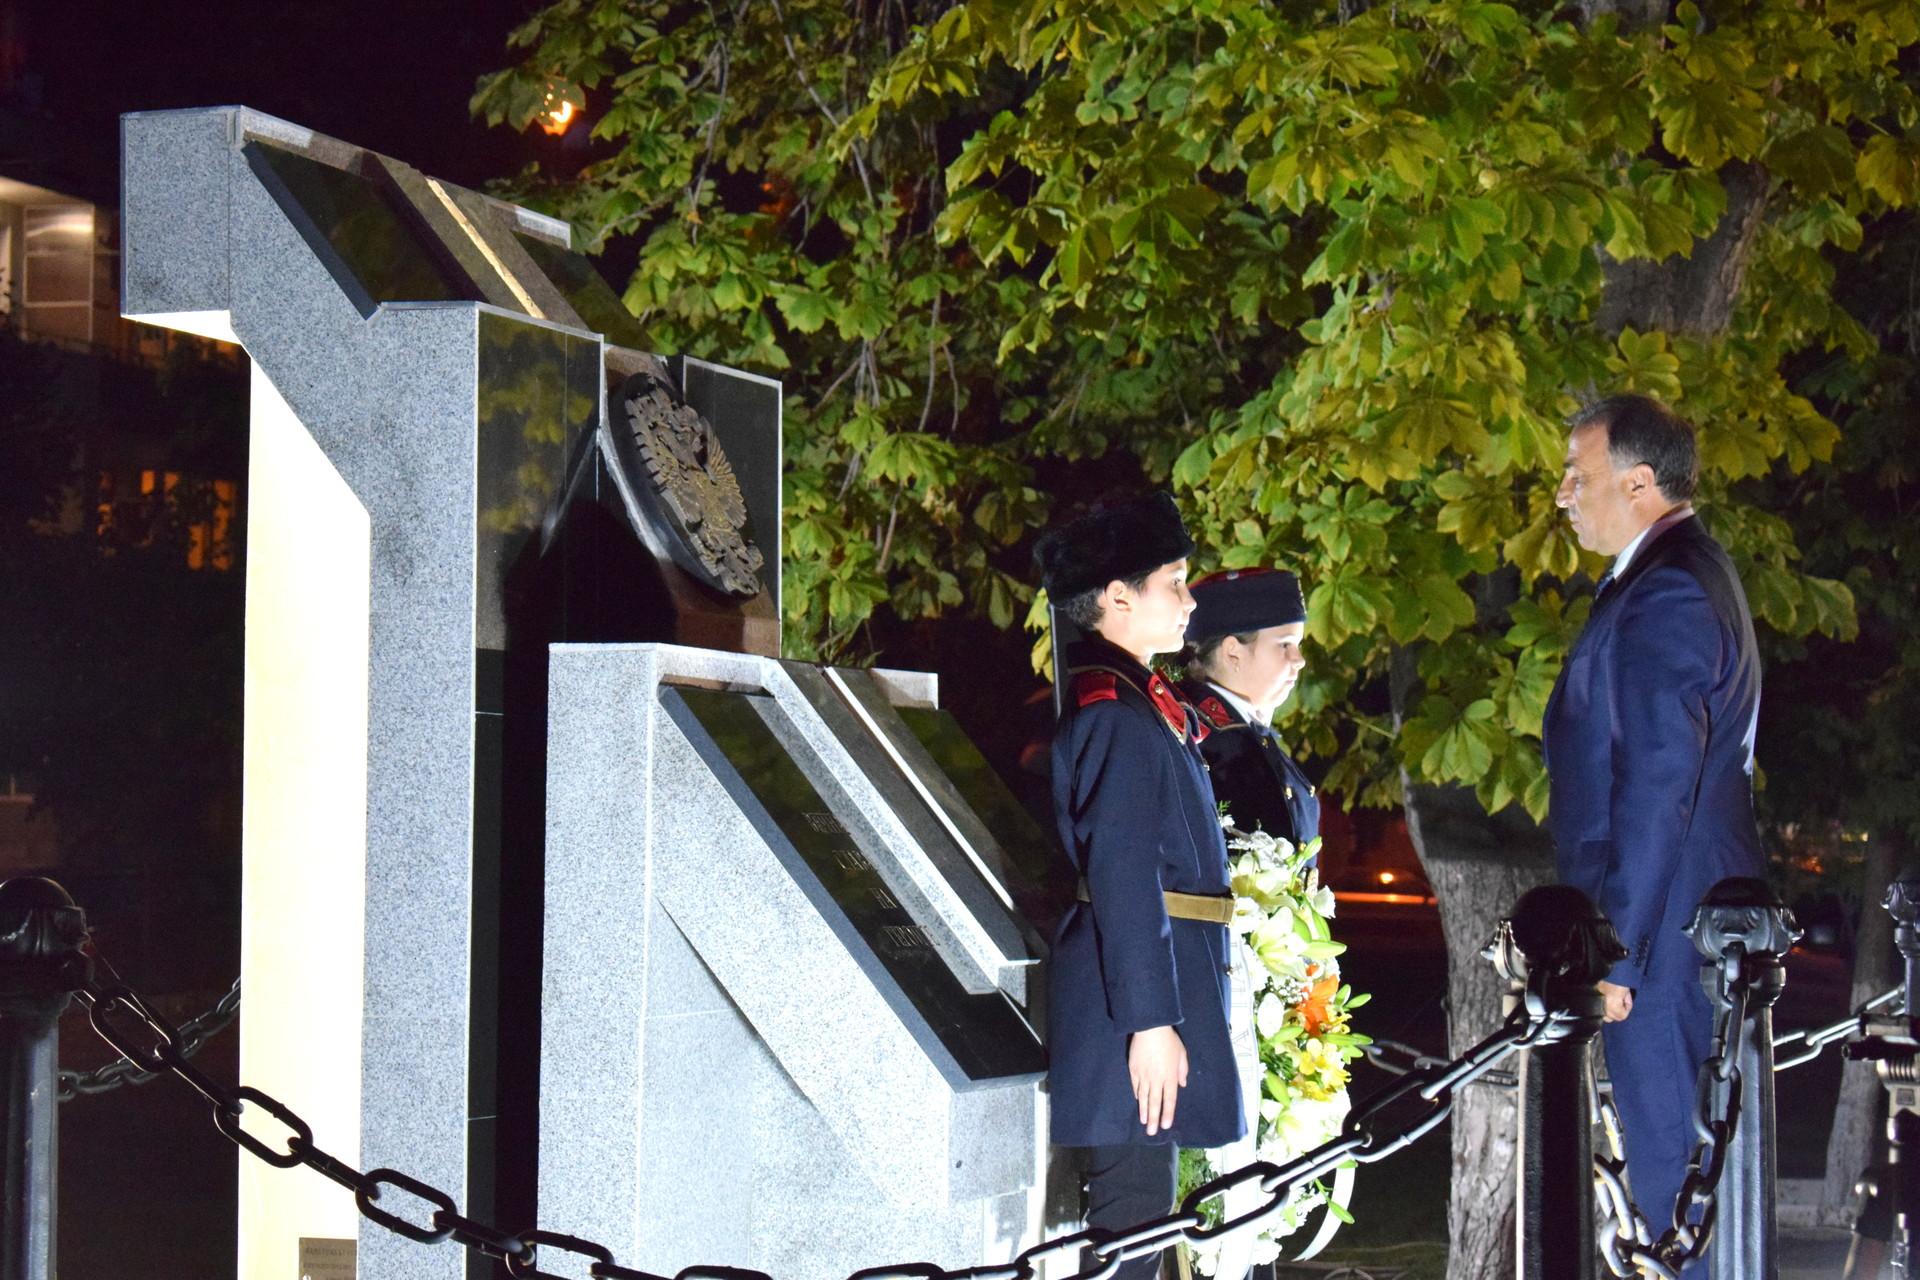 Откриването на Мемориал в чест на героите от Руско-турската война през 1877-1878 г., загинали за освобождението на Нова Загора – 11 октомври 2017 г., Нова Загора.